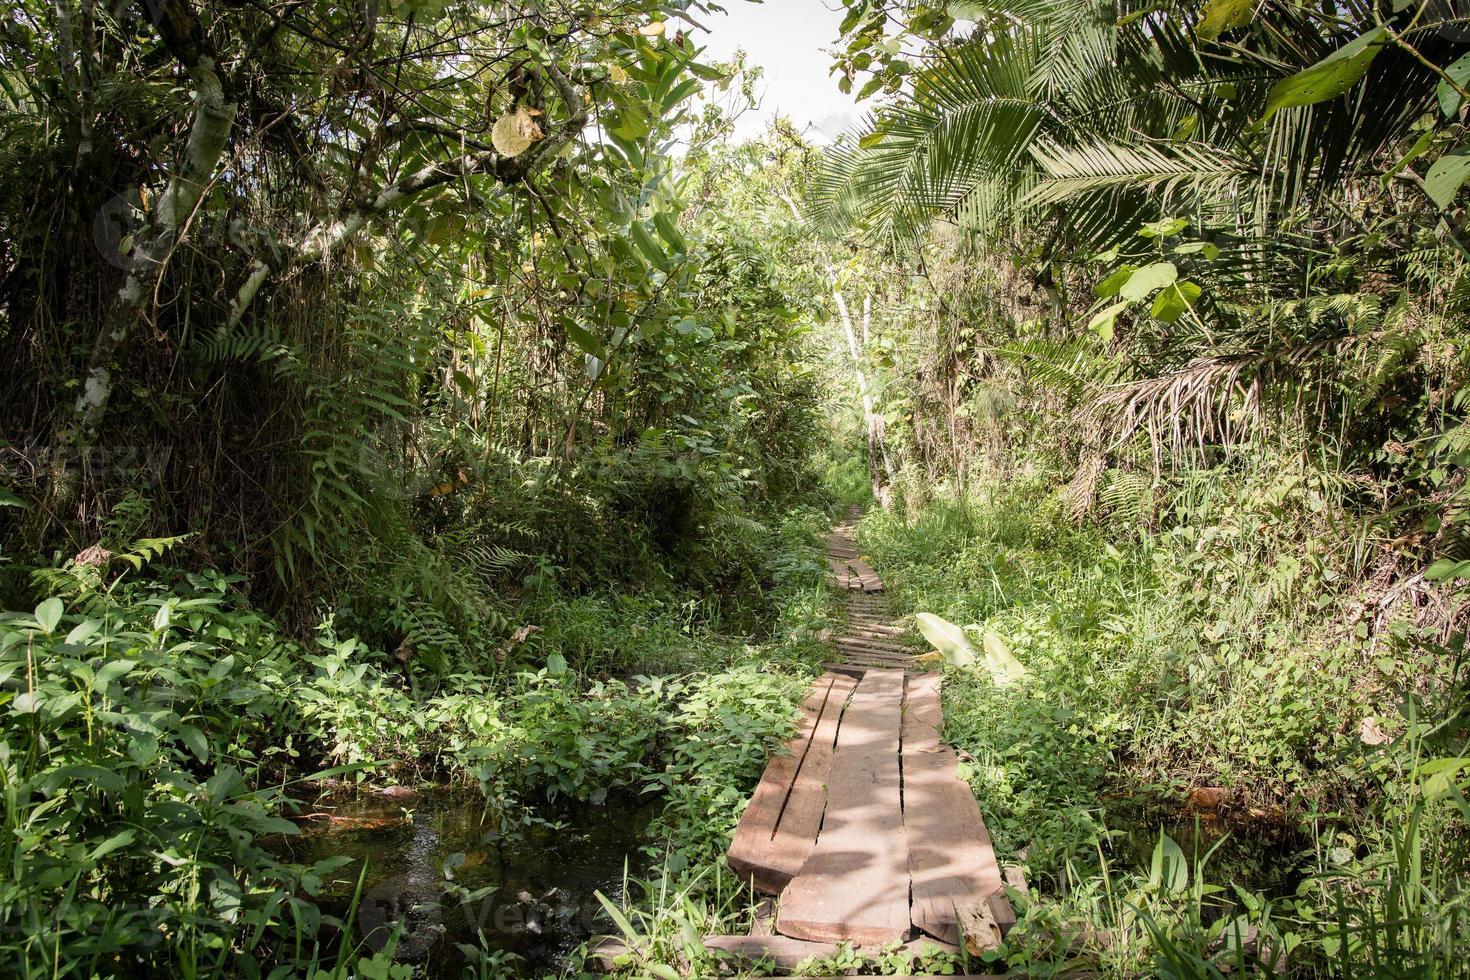 Wanderweg in den Dschungel foto